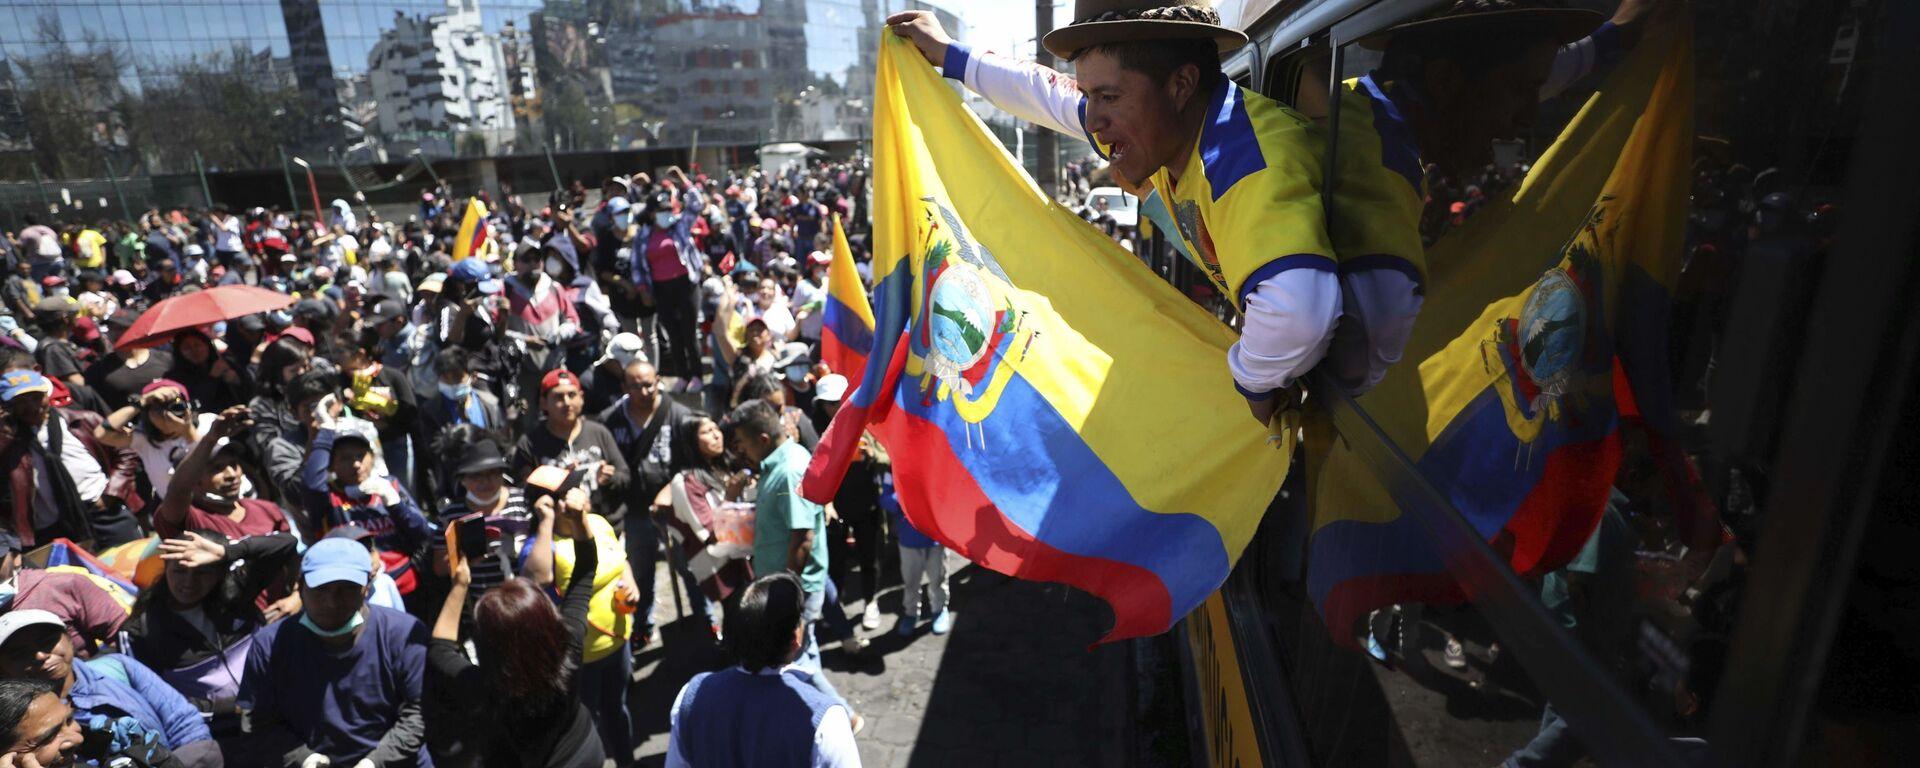 Indígenas ecuatorianos protestas durante la crisis política de octubre de 2019 en Ecuador - Sputnik Mundo, 1920, 06.10.2021